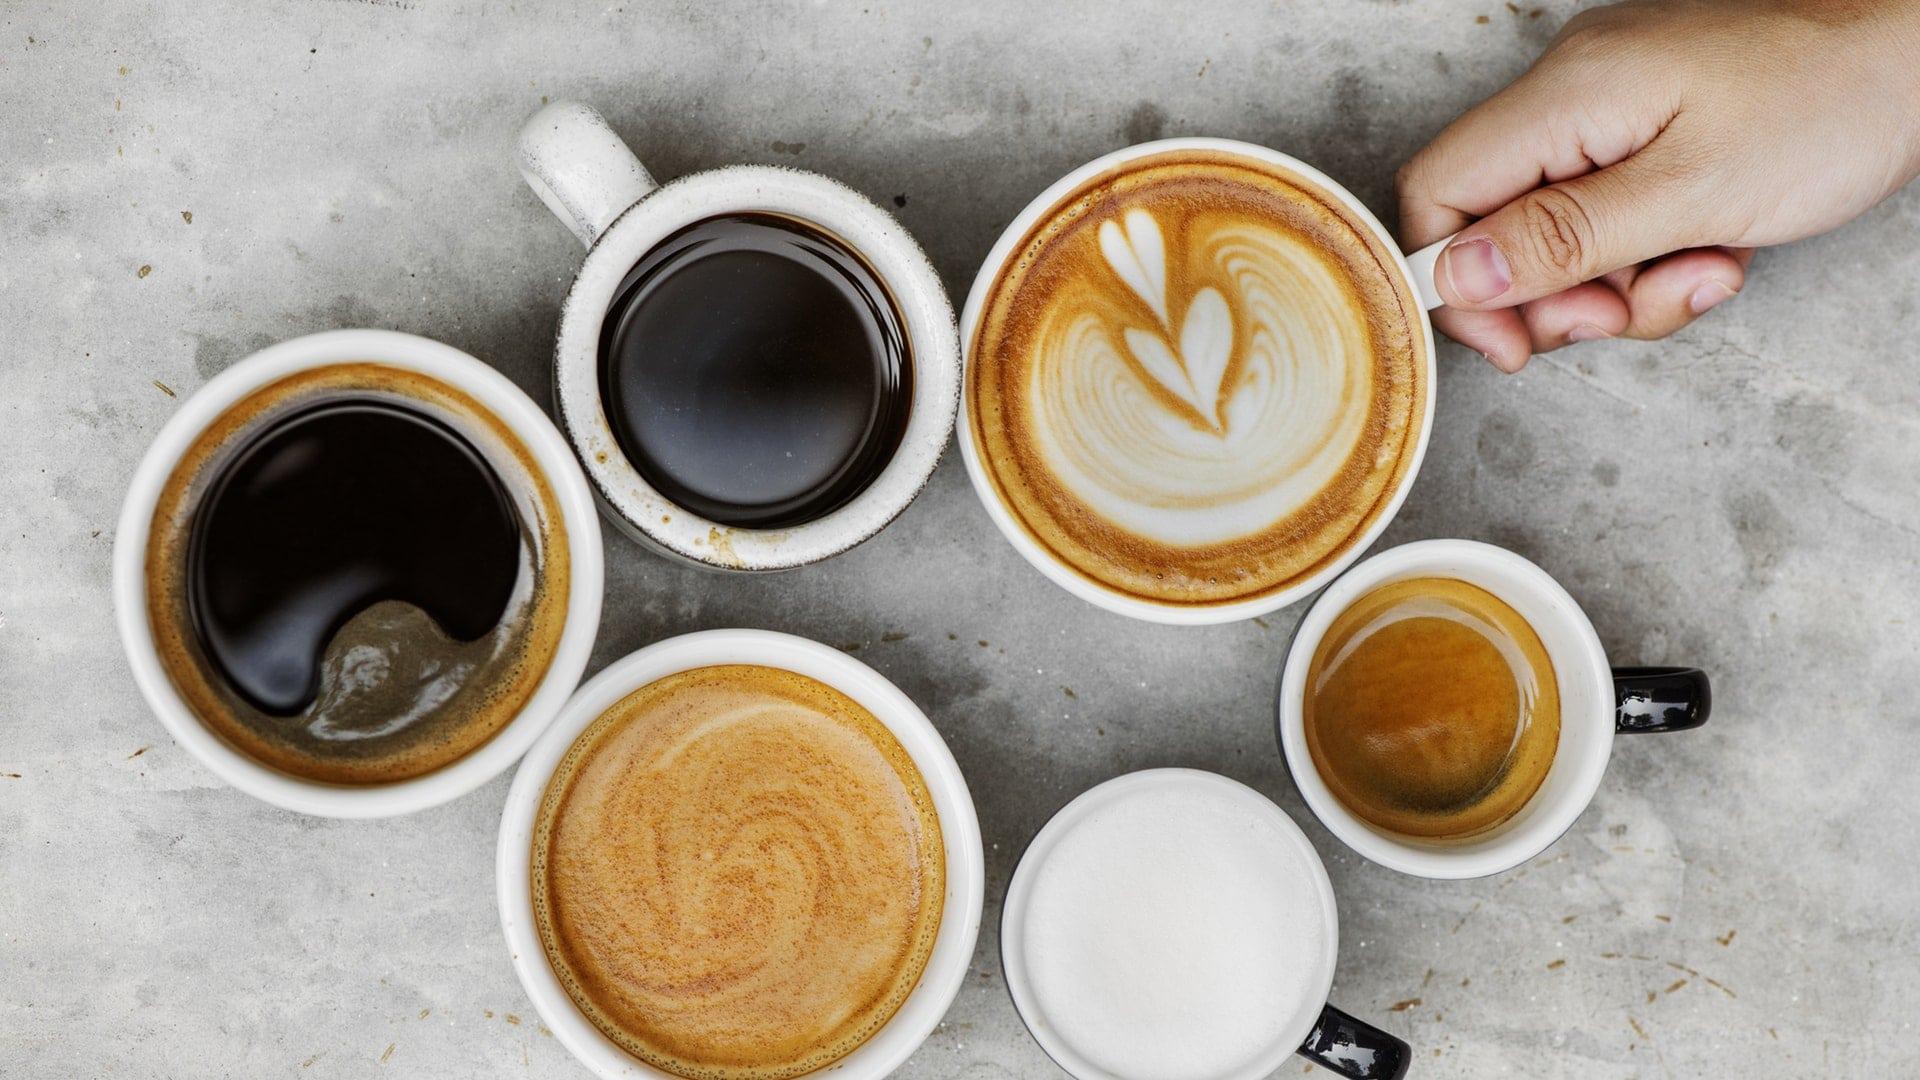 pexels-photo-1251175- verschillende soorten koffie